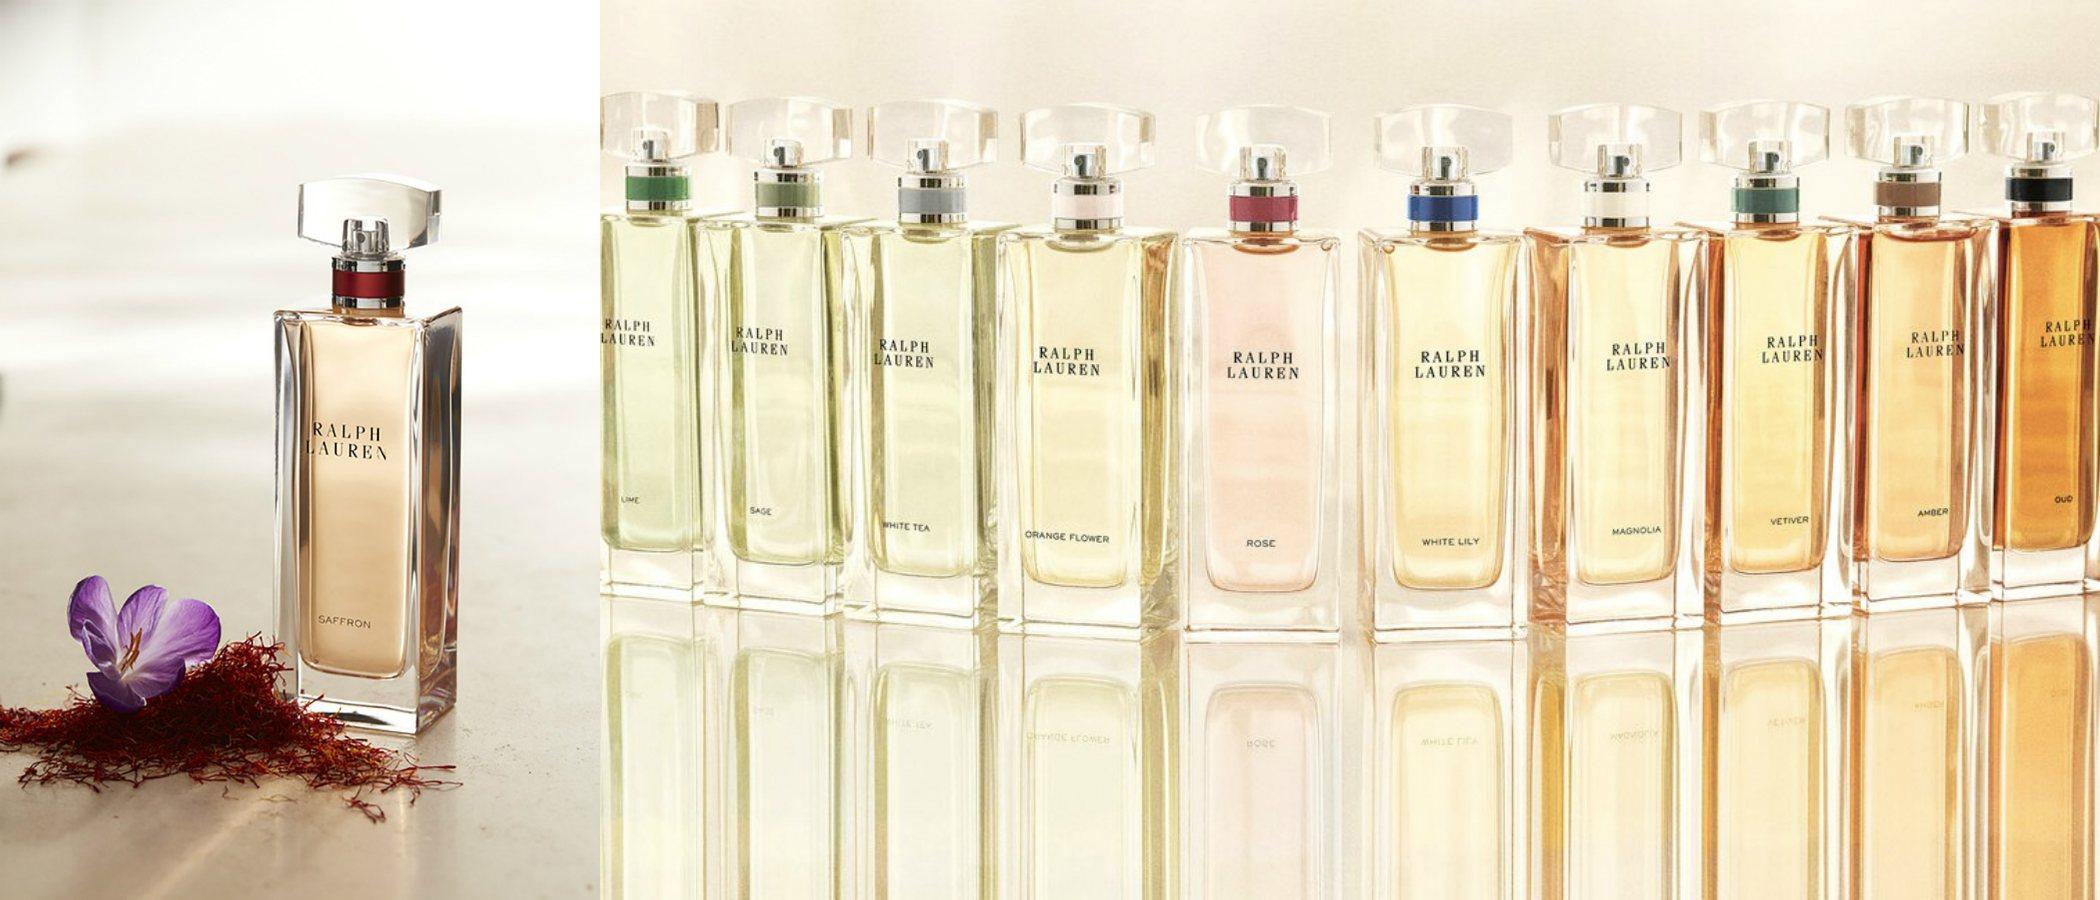 'Saffron', la nueva incorporación a la 'Luxury Collection' de Ralph Lauren